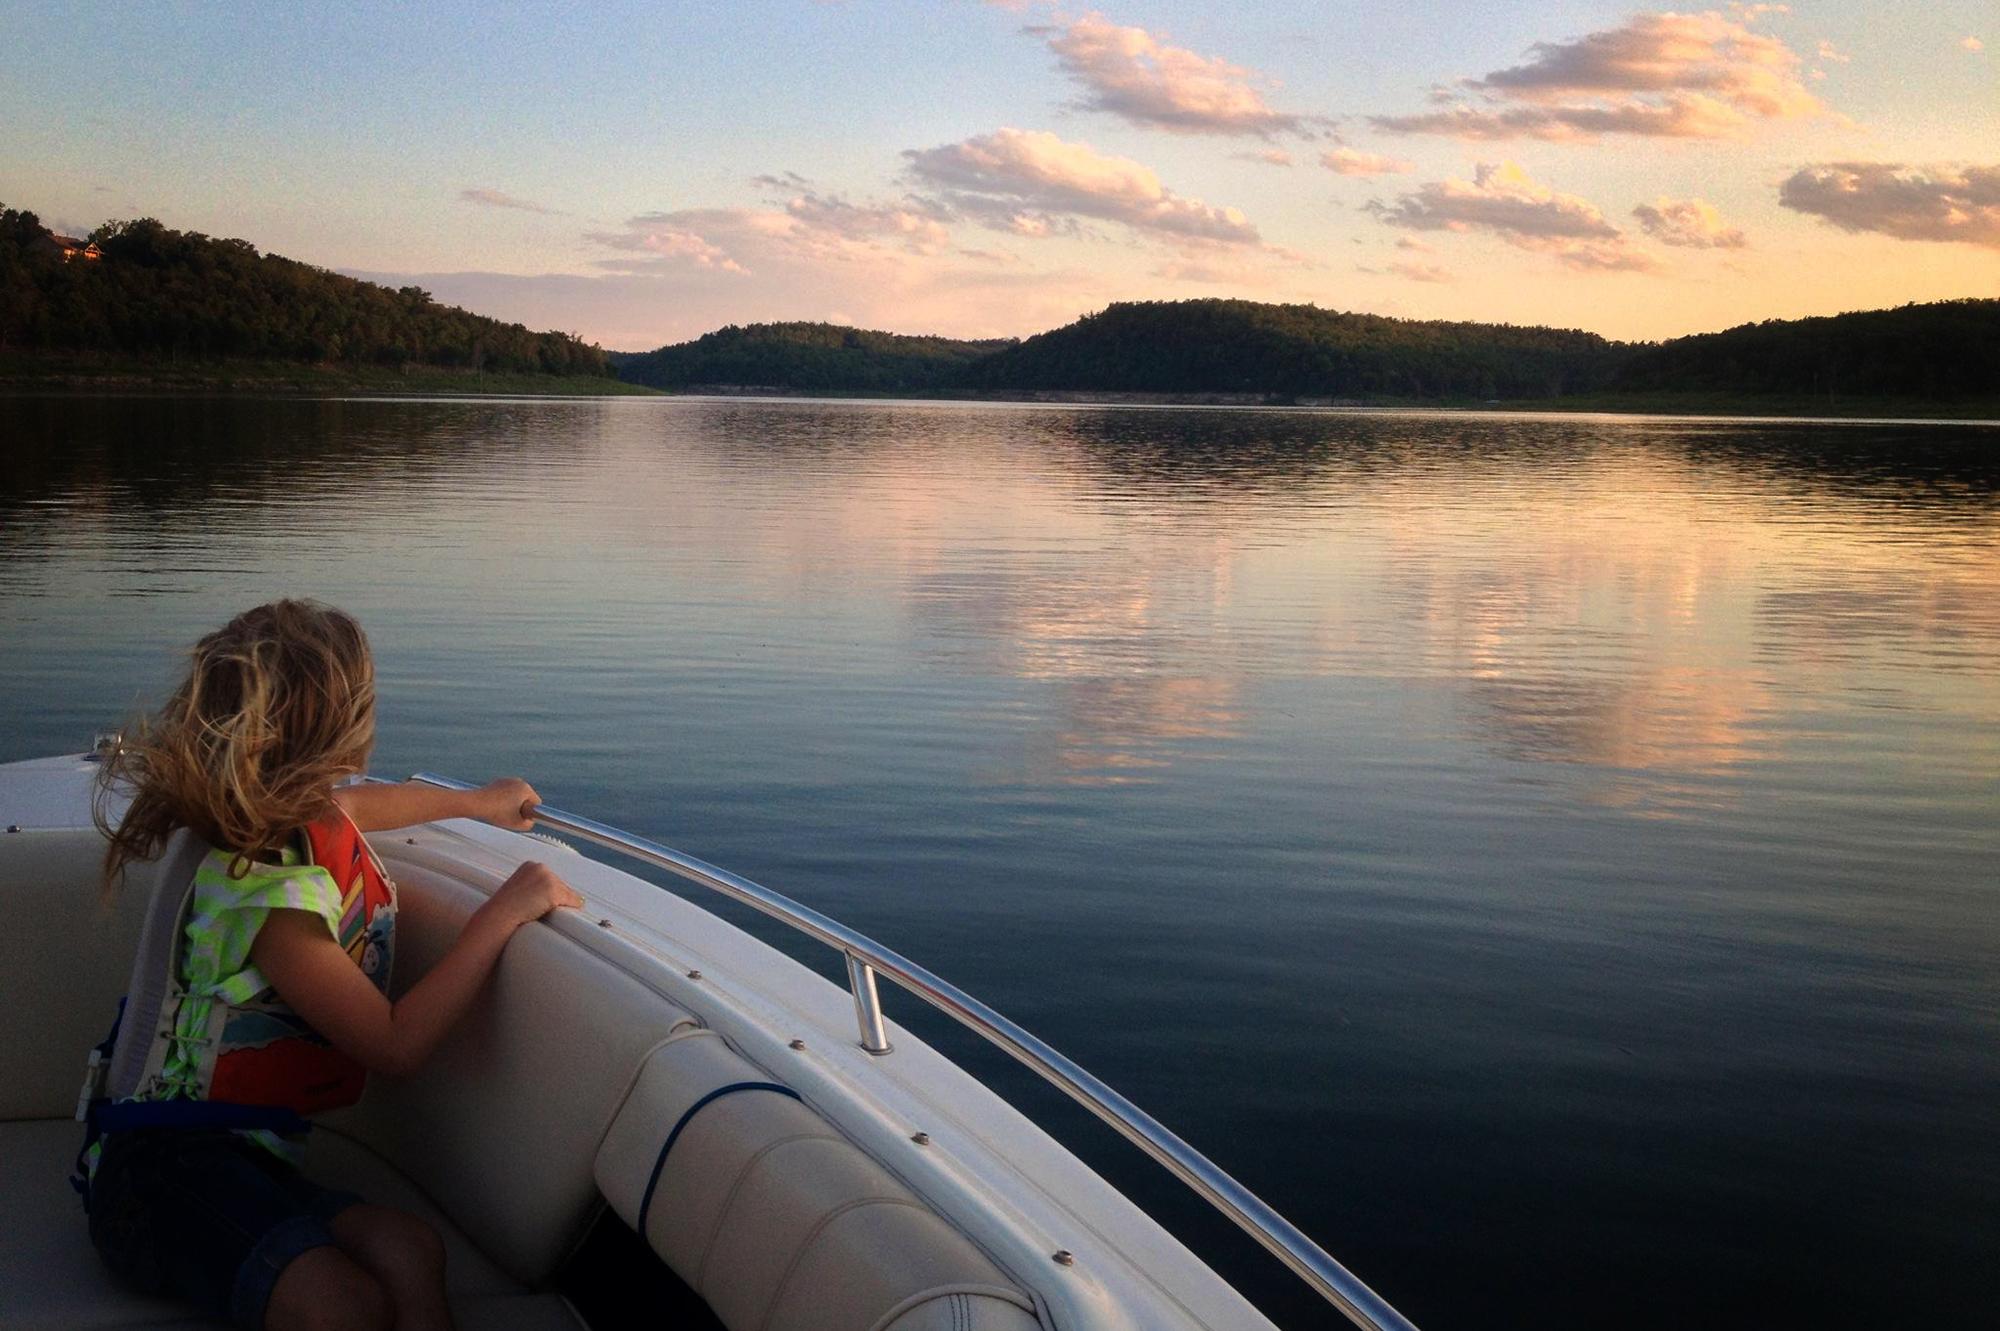 Girl-on-boat.jpg